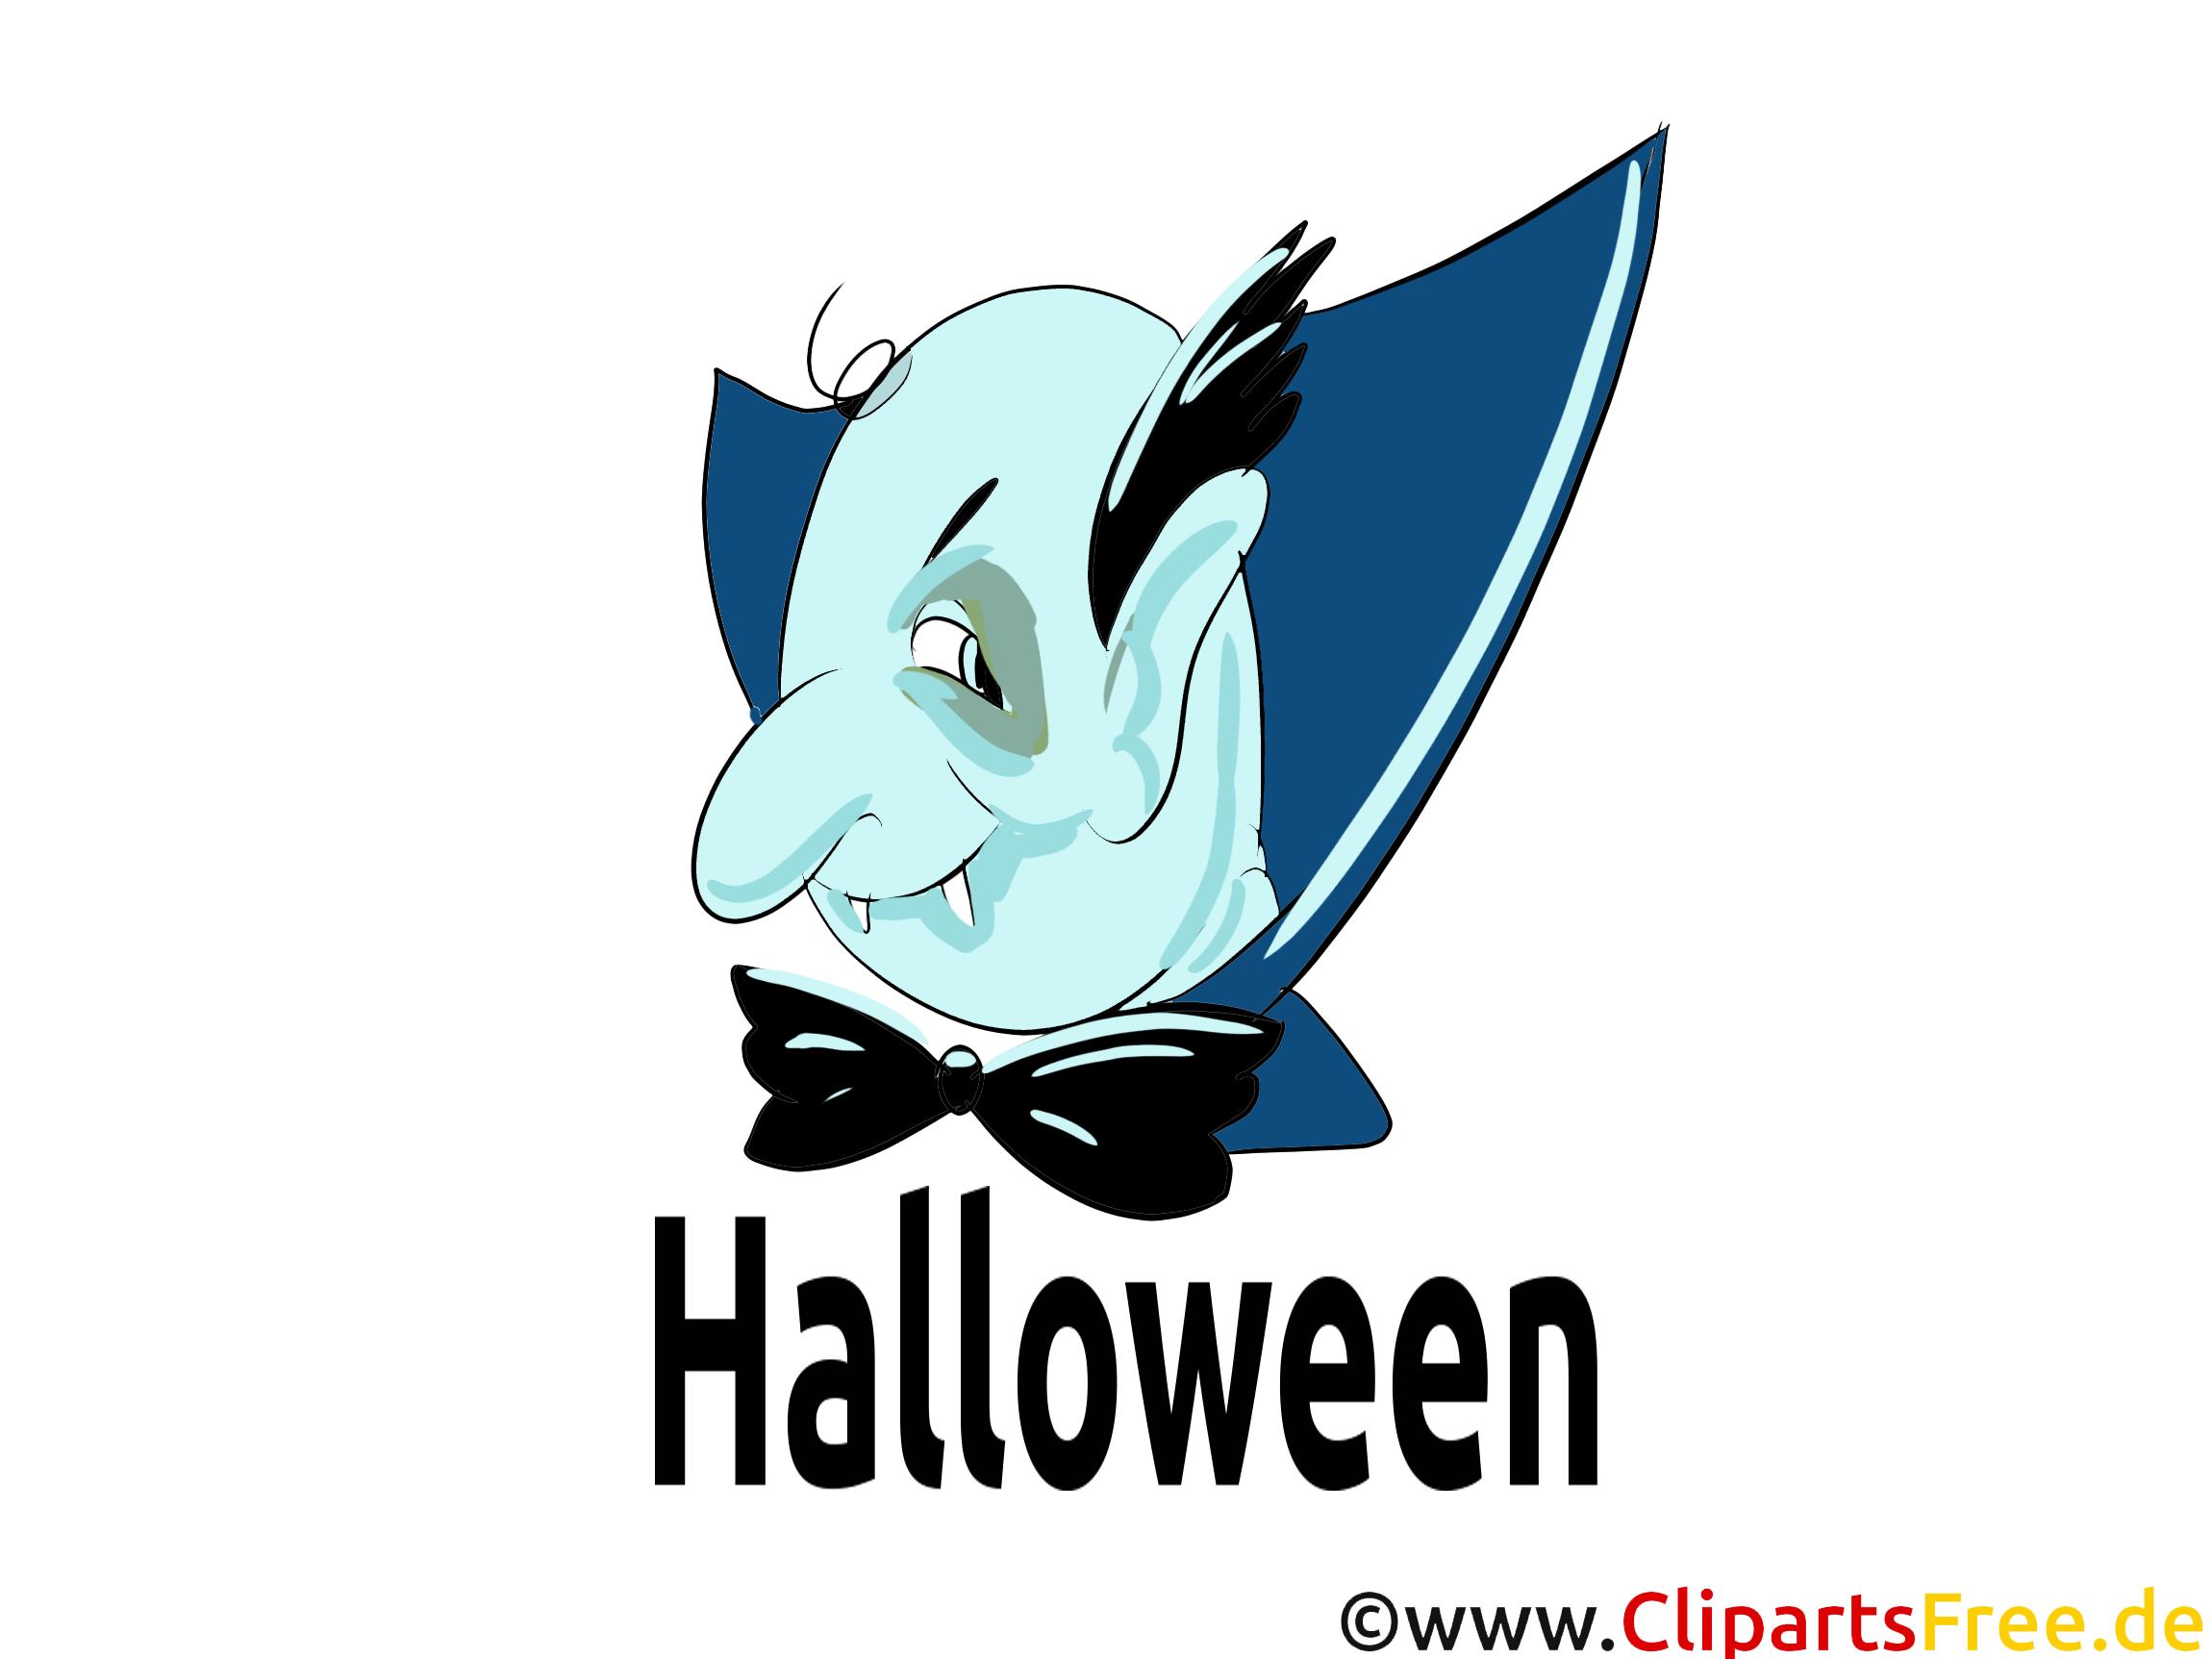 Drakula Clipart, Bild, Grusskarte, Vorlage für Einladungen zu Halloween